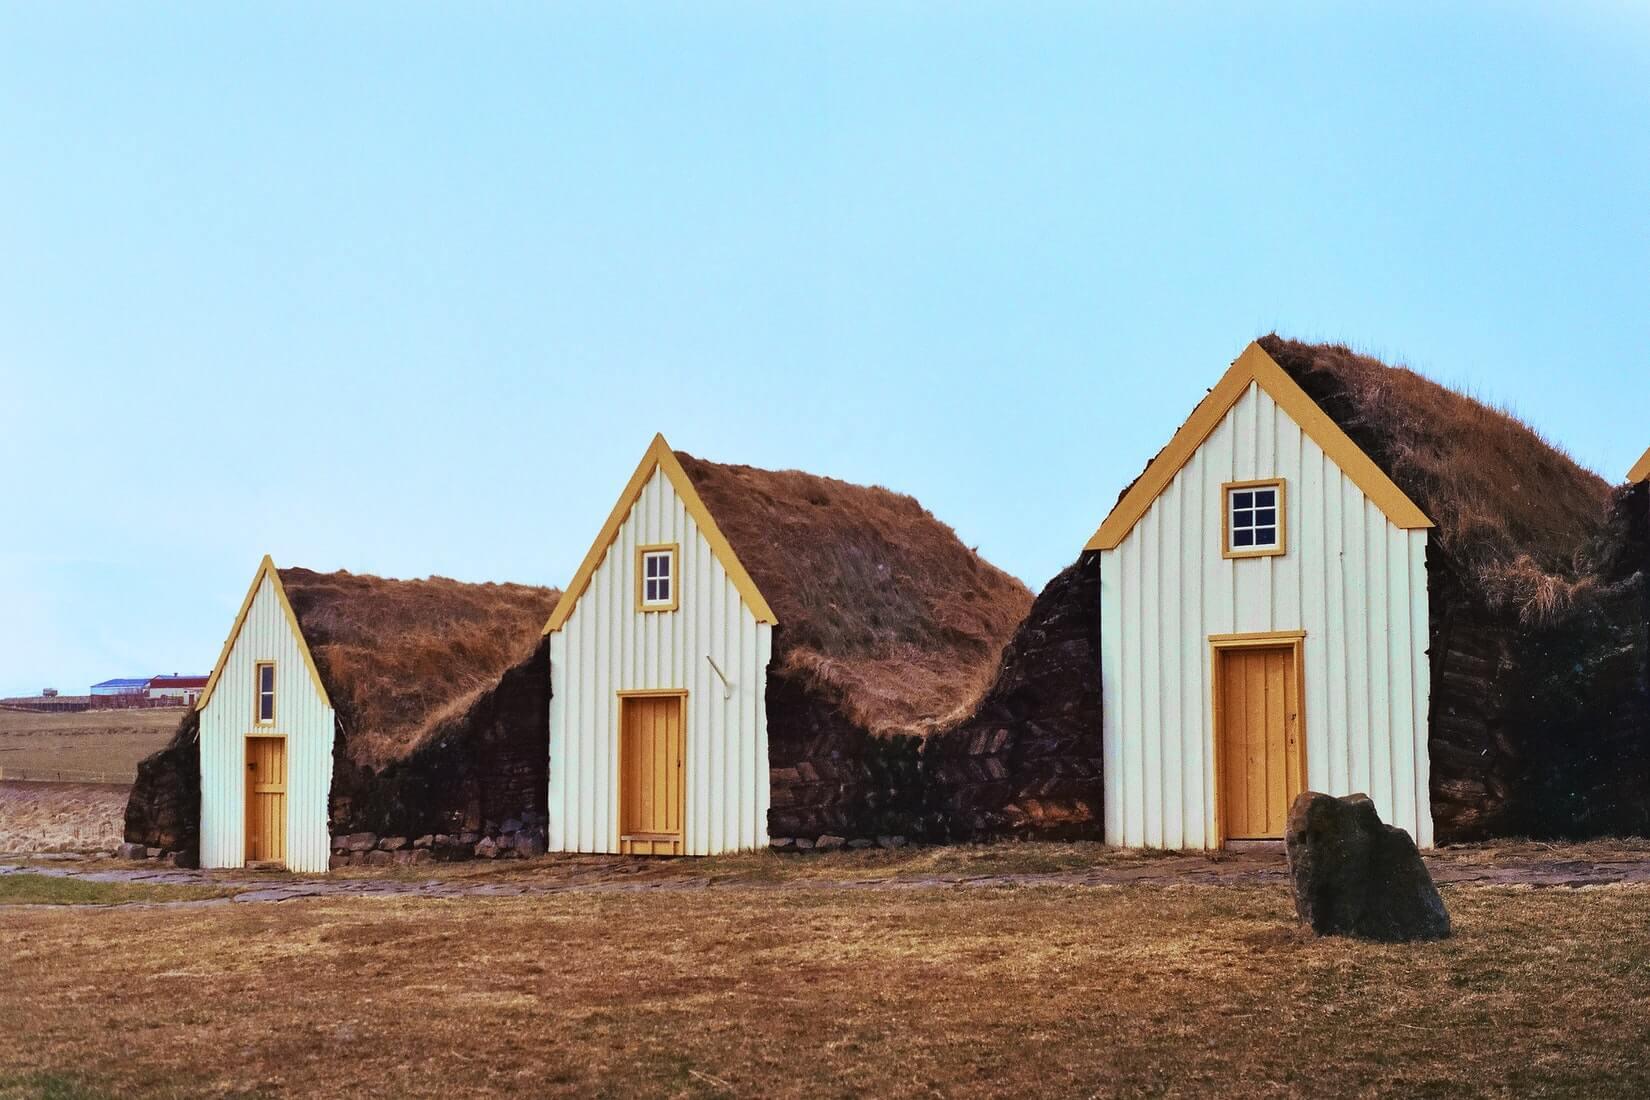 Сколько стоит поехать в Исландию на неделю: виза, жилье, билеты